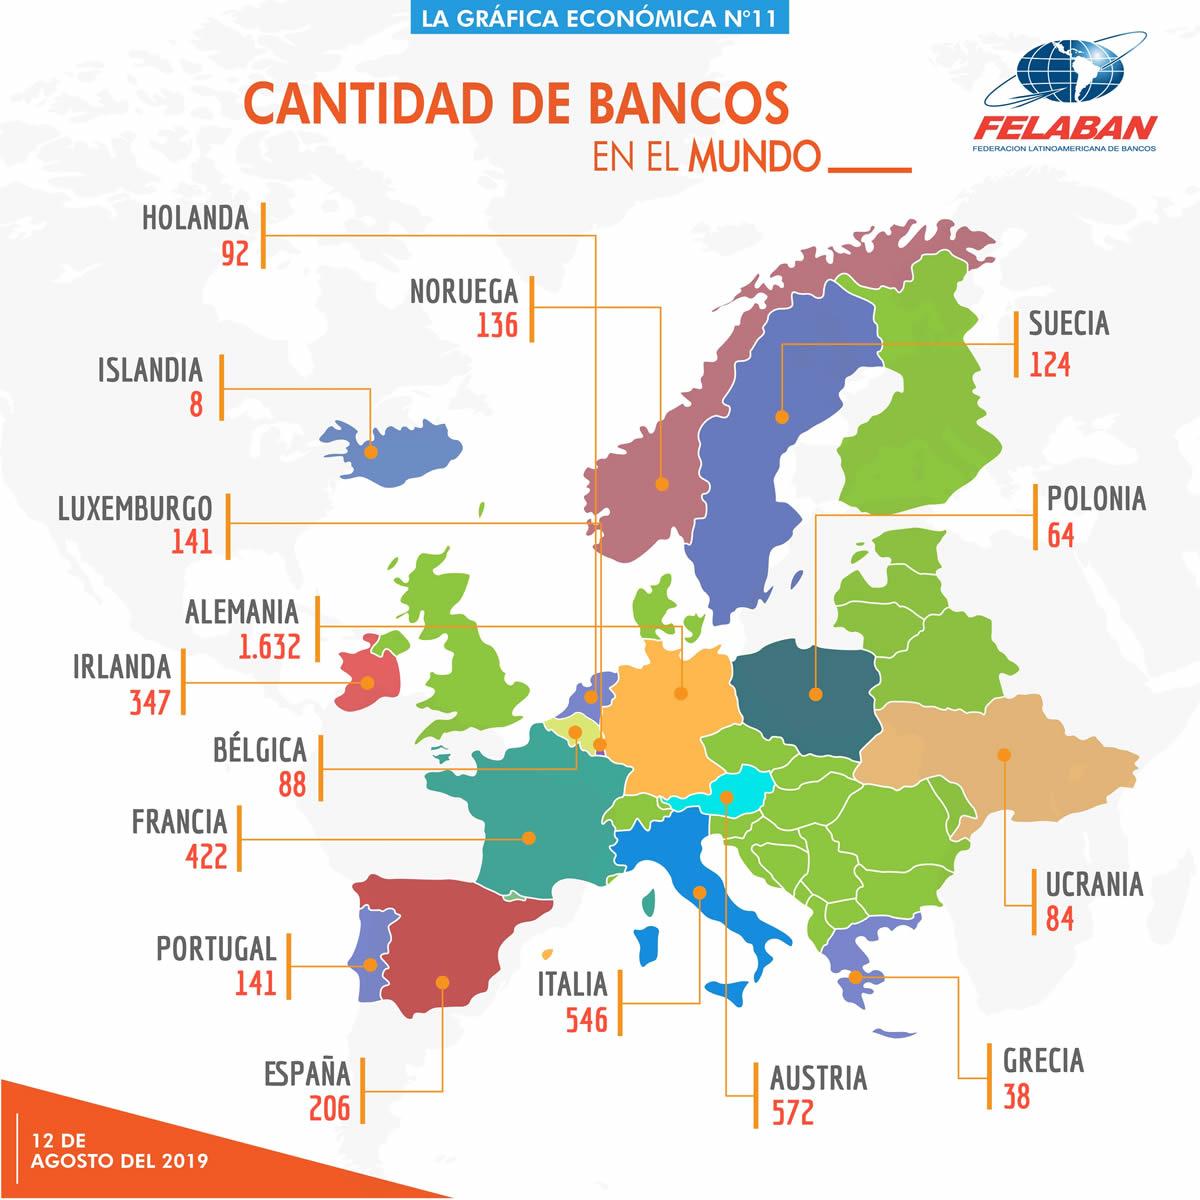 Gráfica Económica Nro 11-2 - ¿Cuántos bancos hay en América Latina y en otras regiones del mundo?